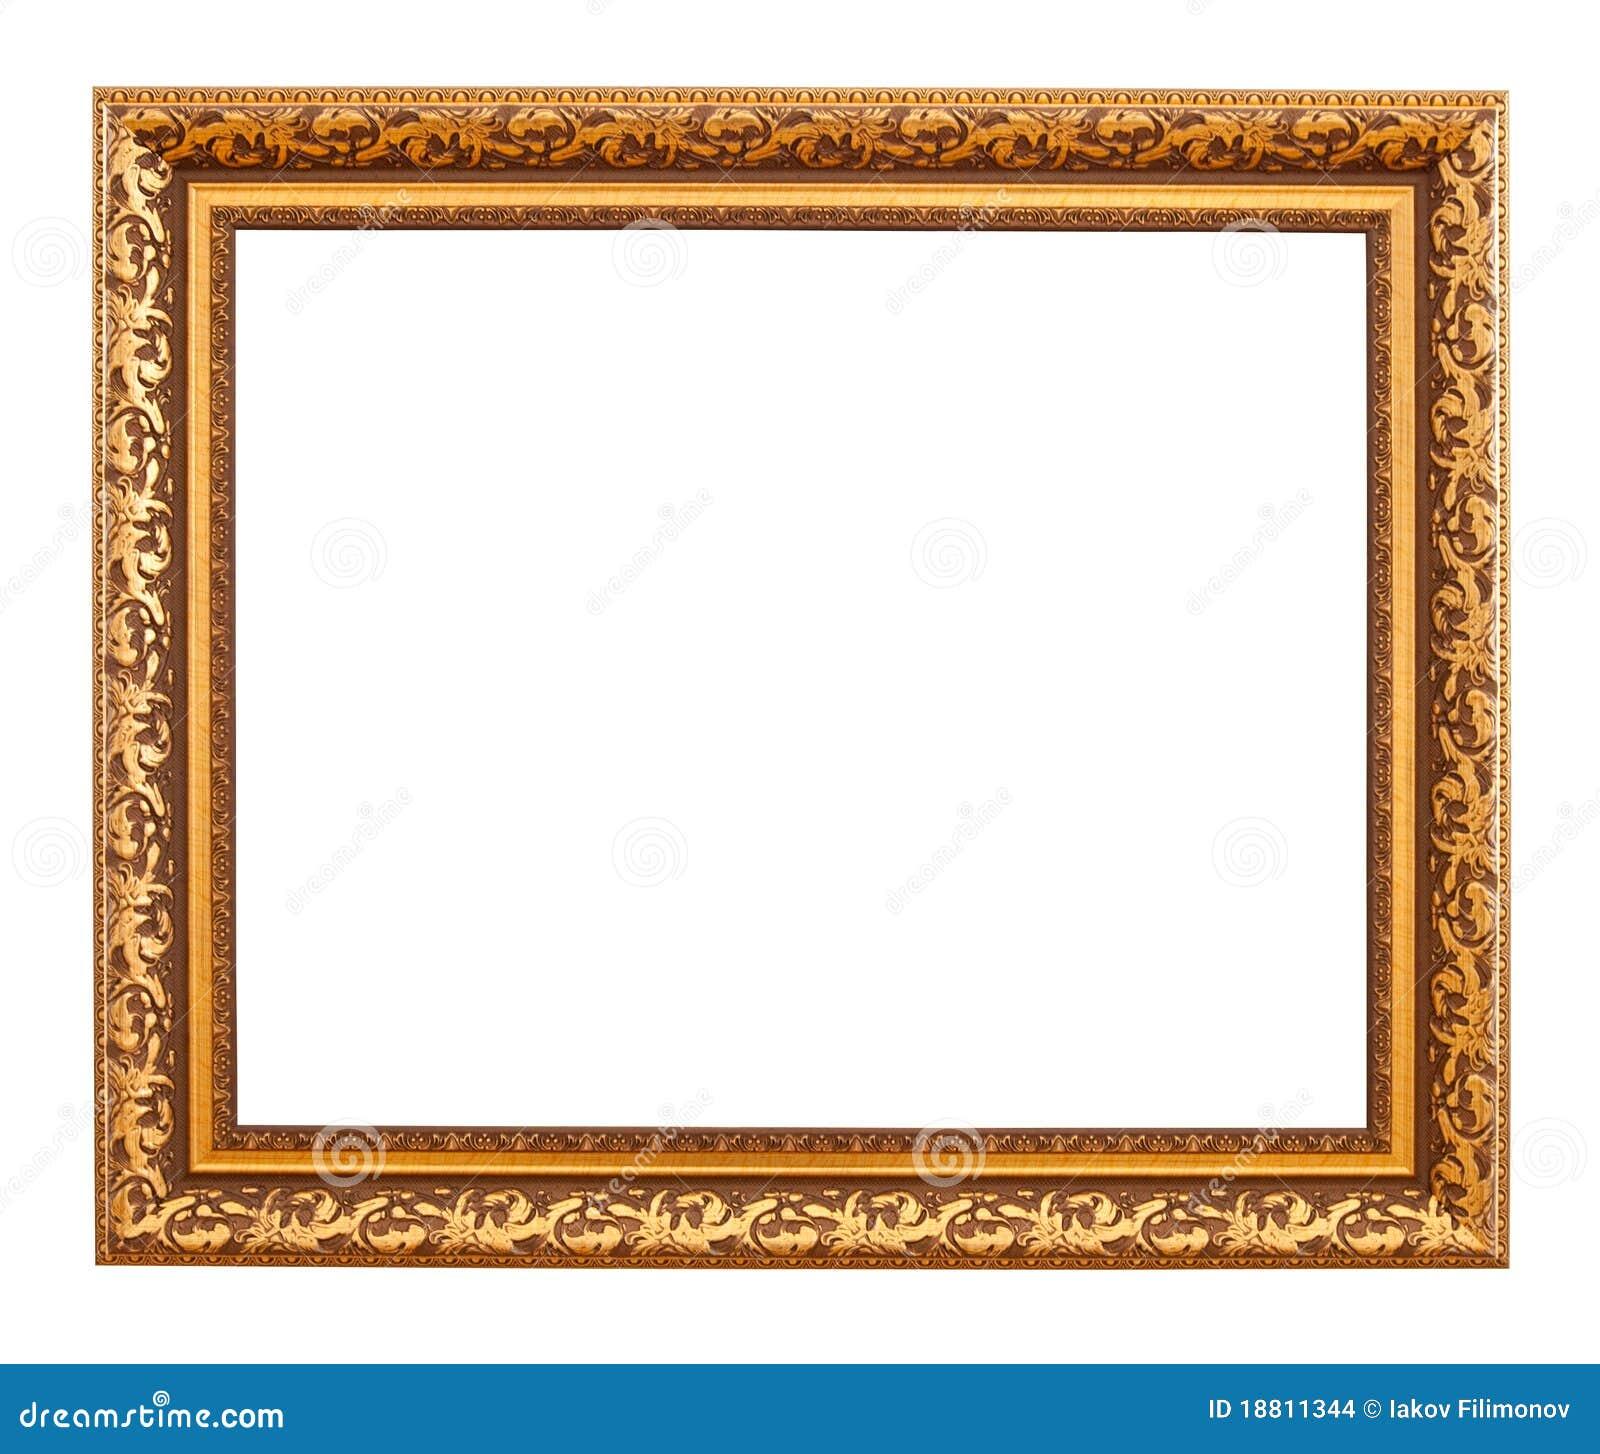 Marco de lujo del oro foto de archivo. Imagen de decorativo - 18811344